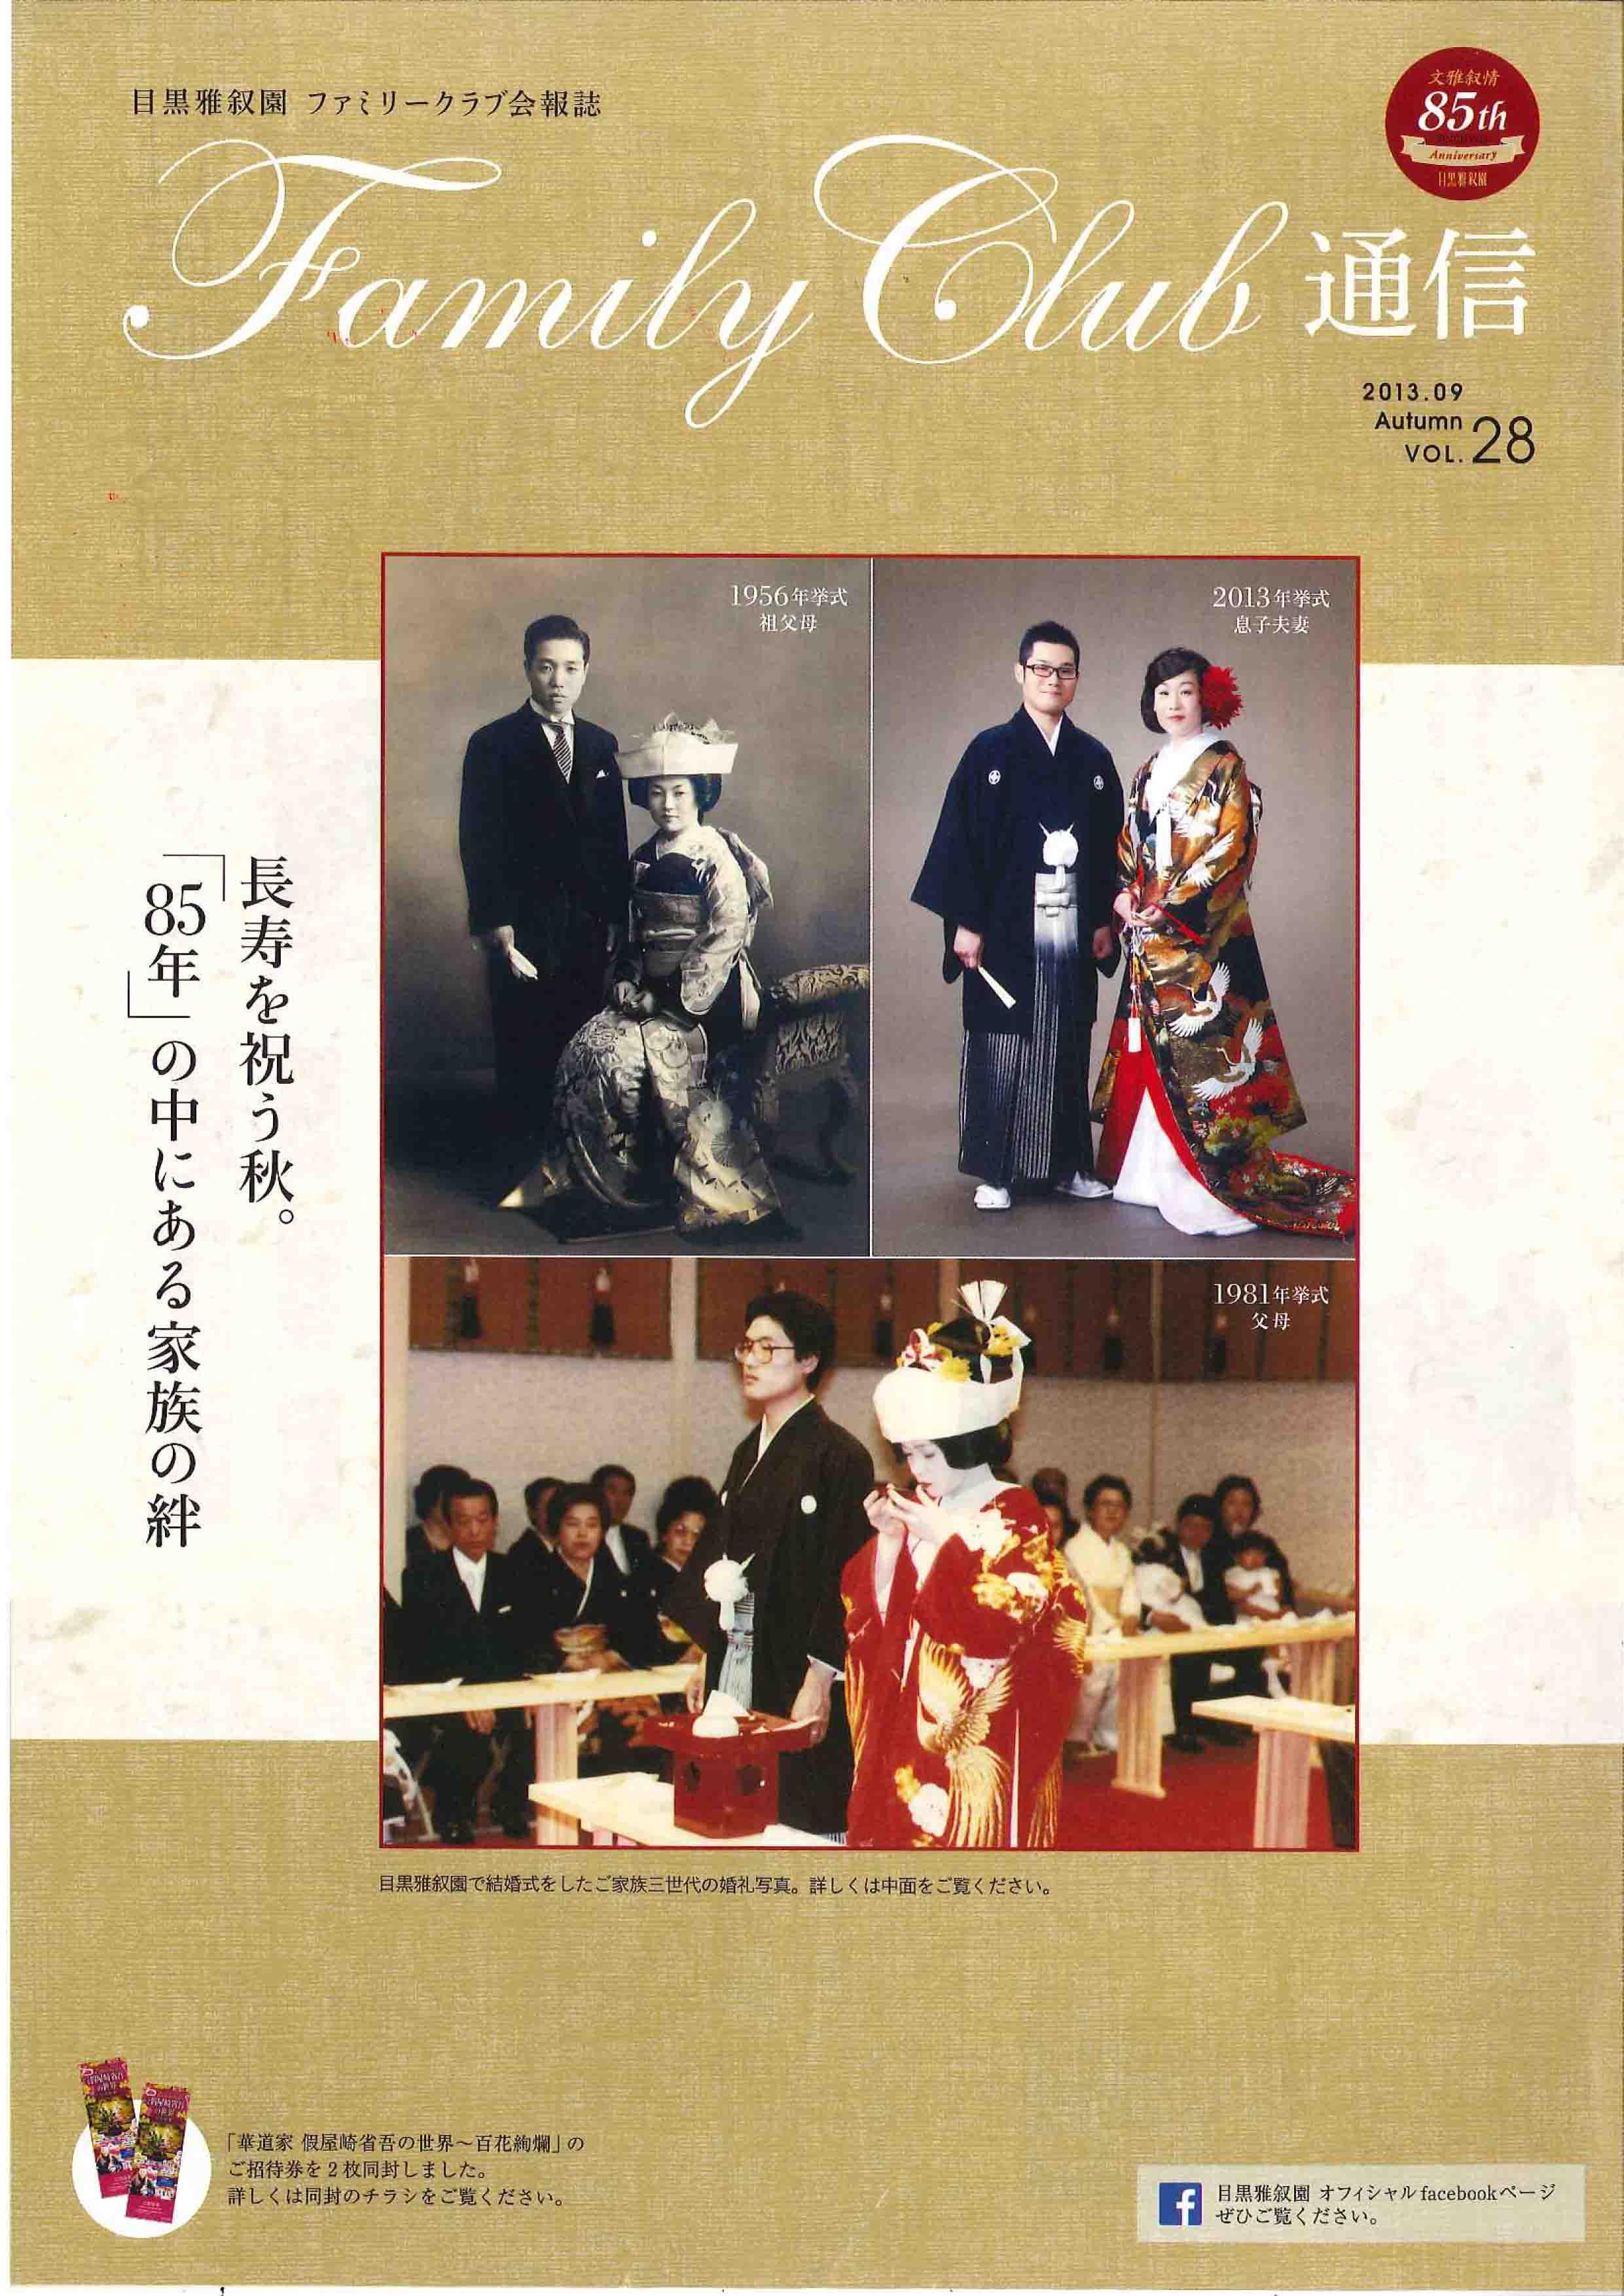 「Family Club 通信」2013.09 Autumn VOL.28